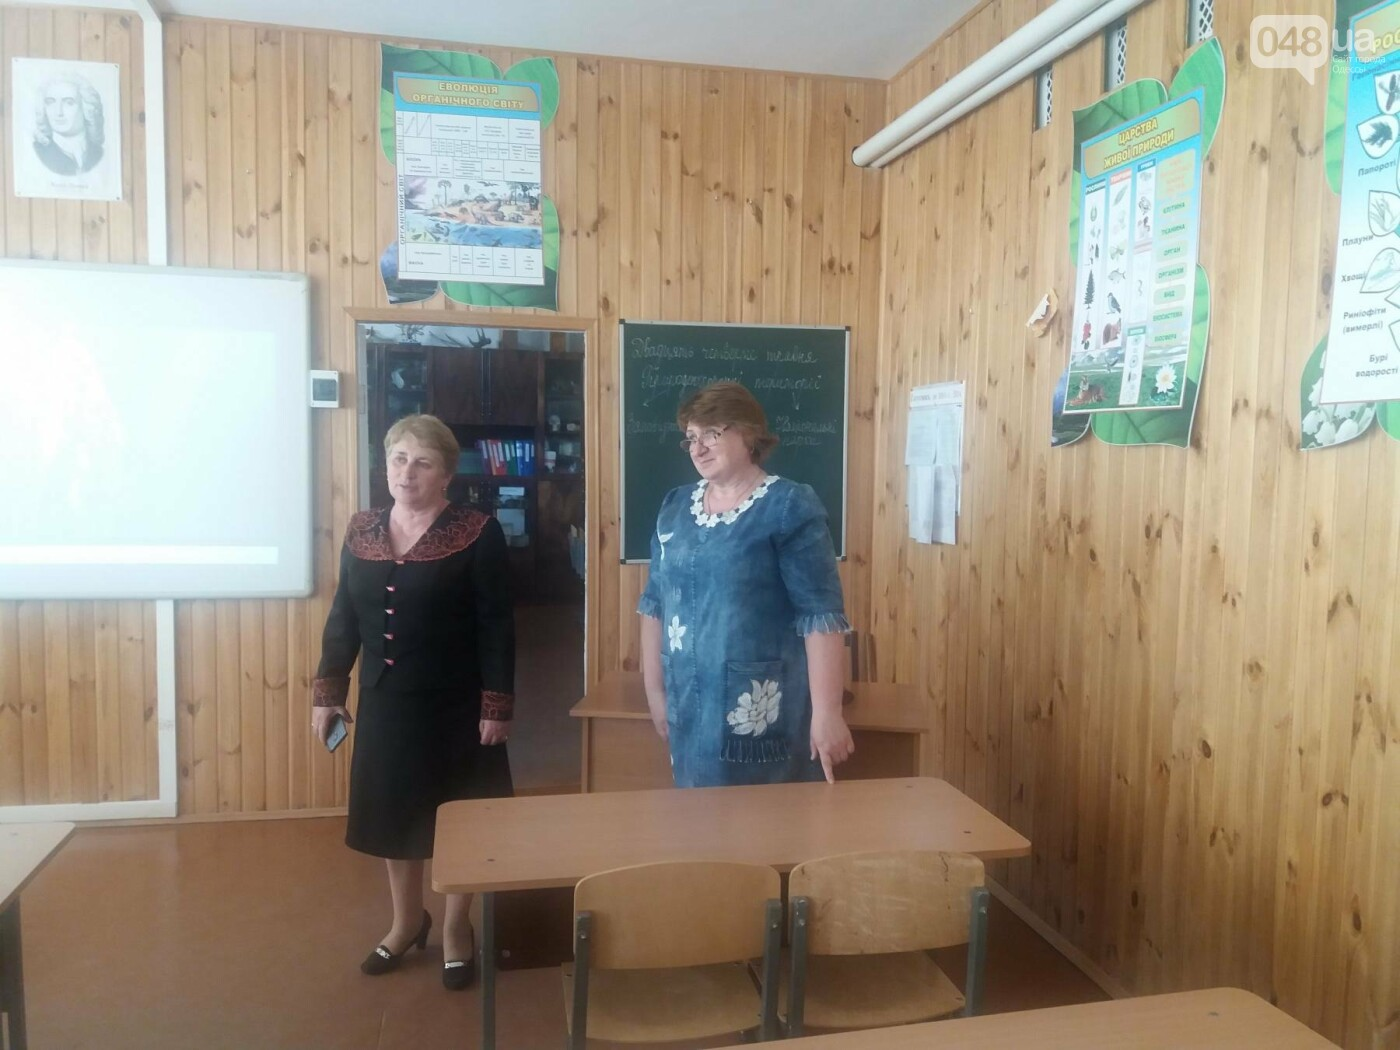 Децентрализация в действии: опыт Европы и радость первым собственным успехам в Одесской области, - ФОТО, фото-8